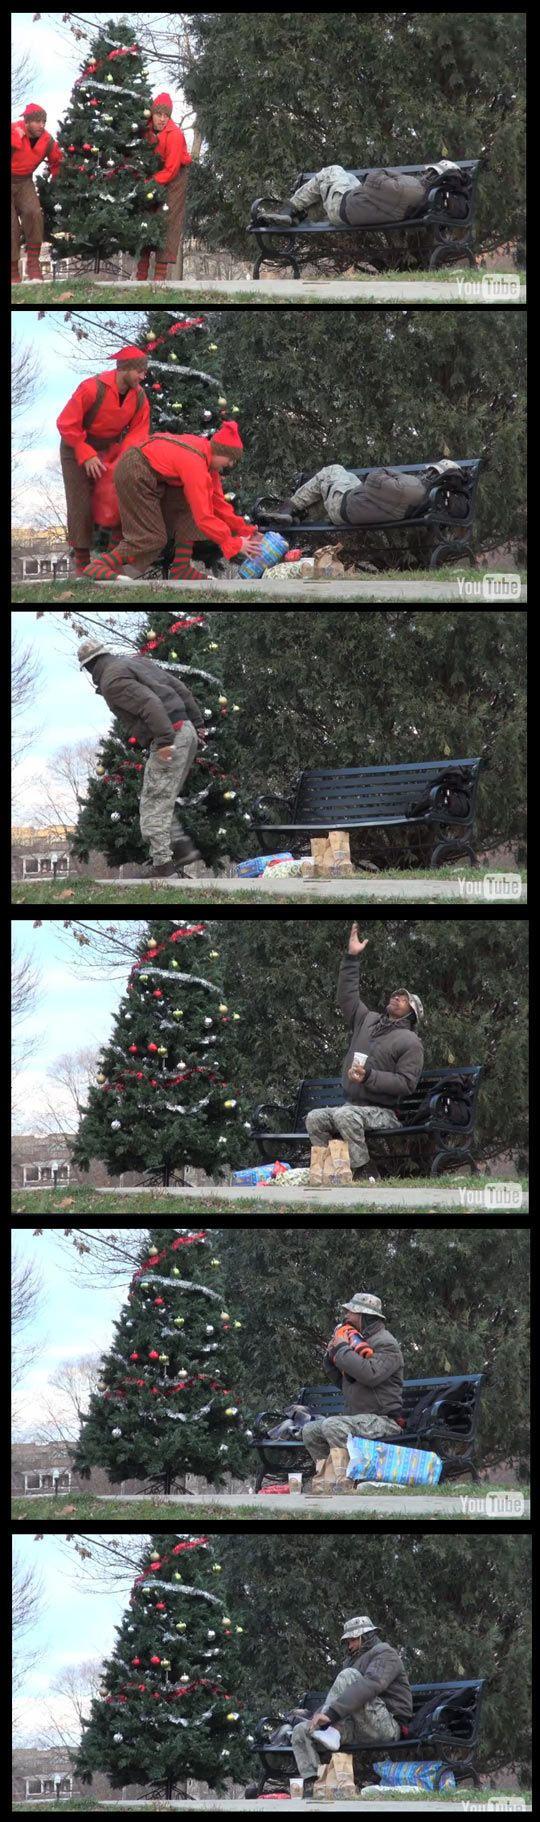 funny-homeless-Christmas-tree-gift